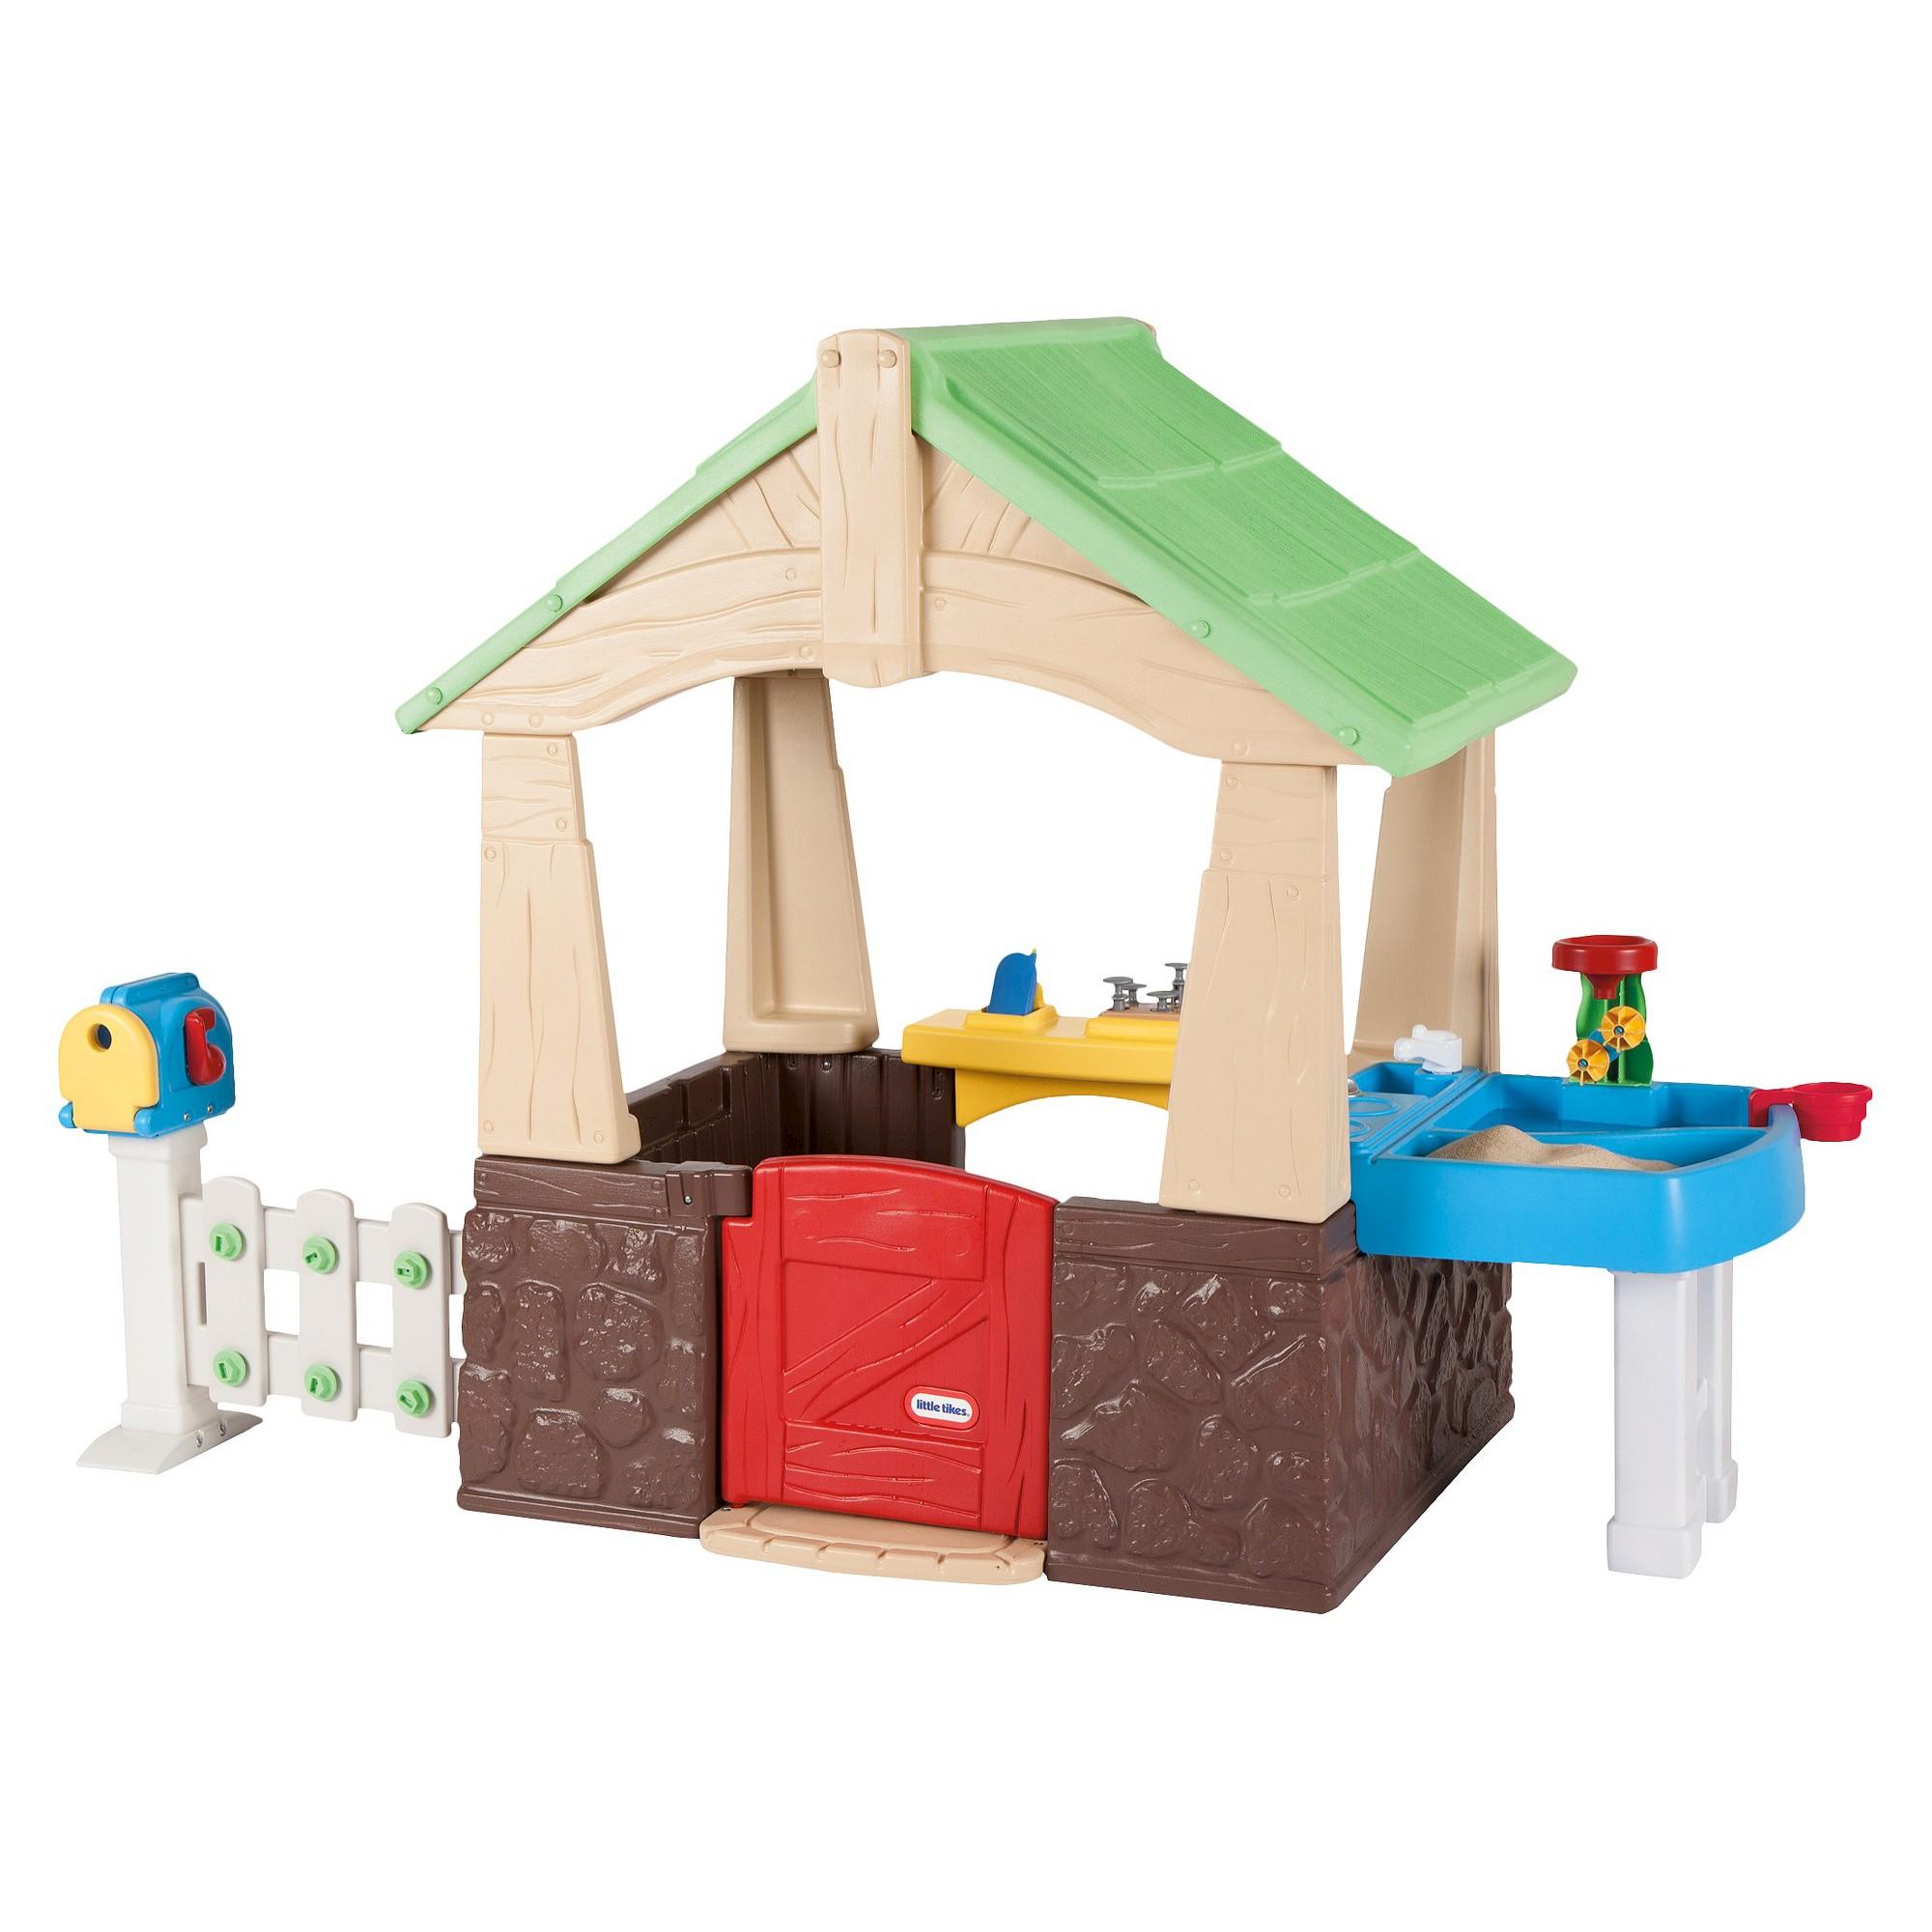 Little Tikes Deluxe Home & Garden Playhouse, Garden